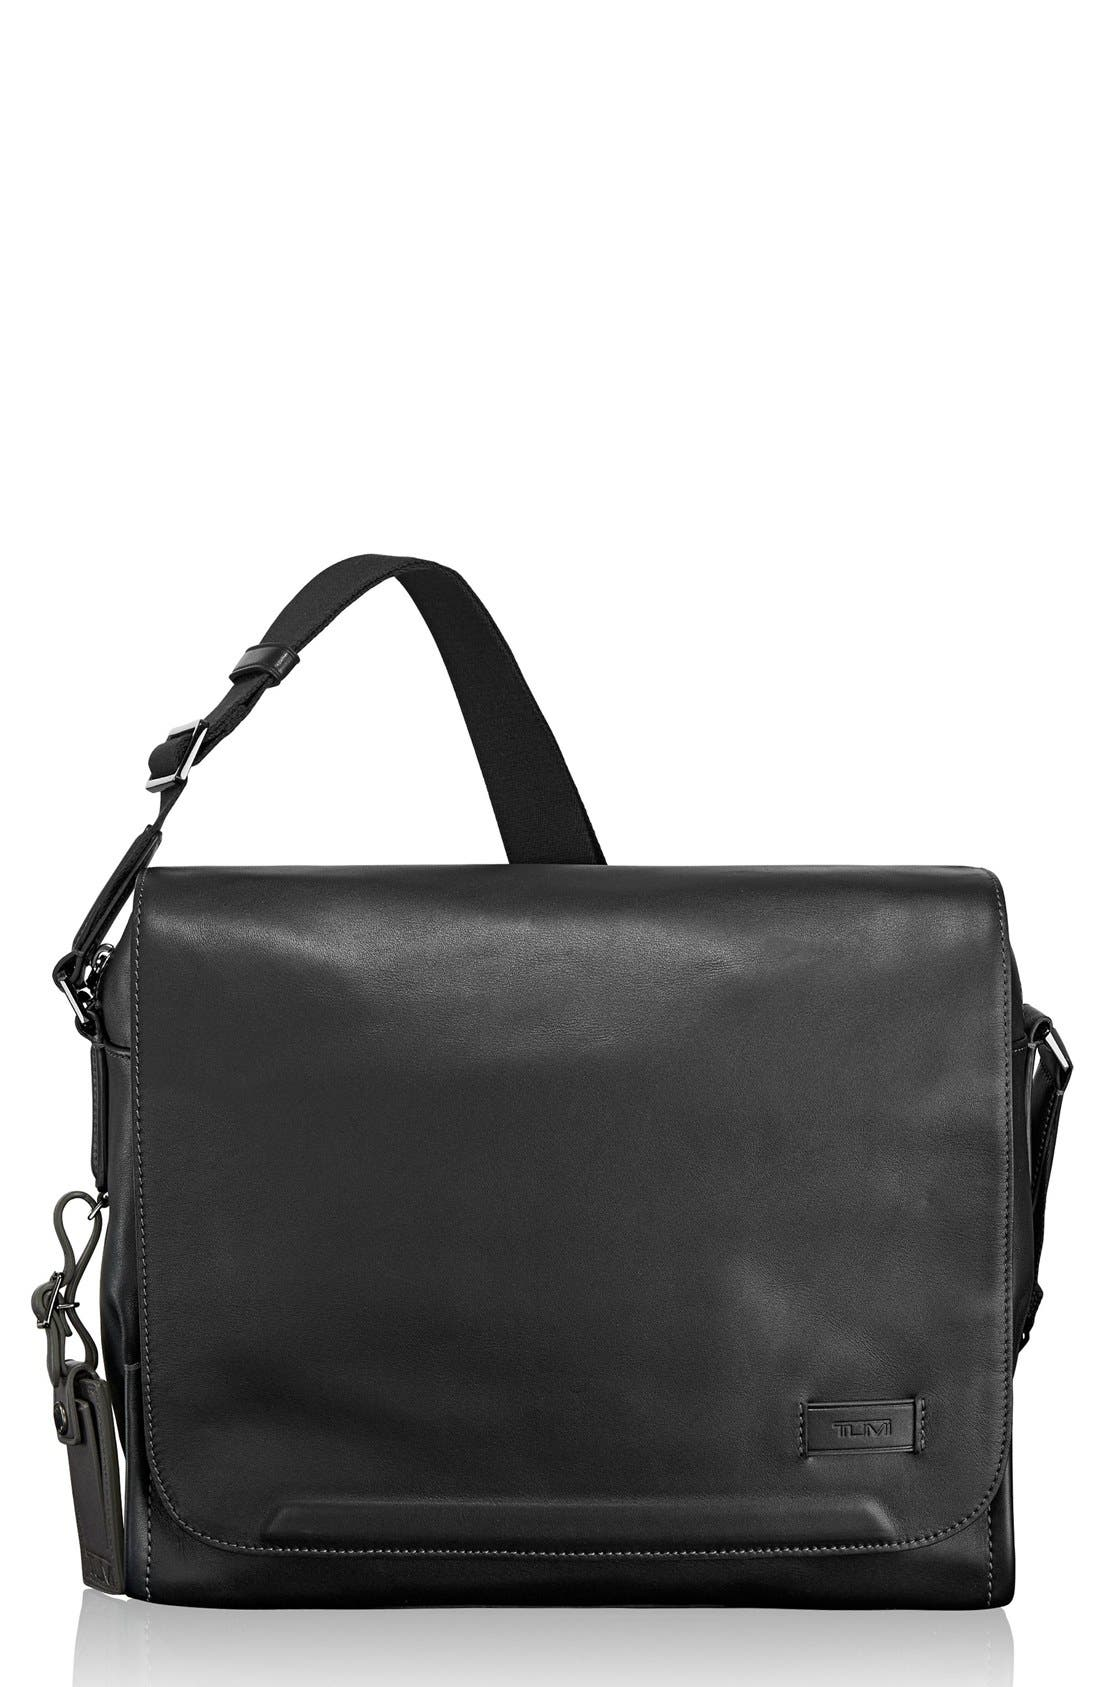 tumi messenger bags for men | Nordstrom